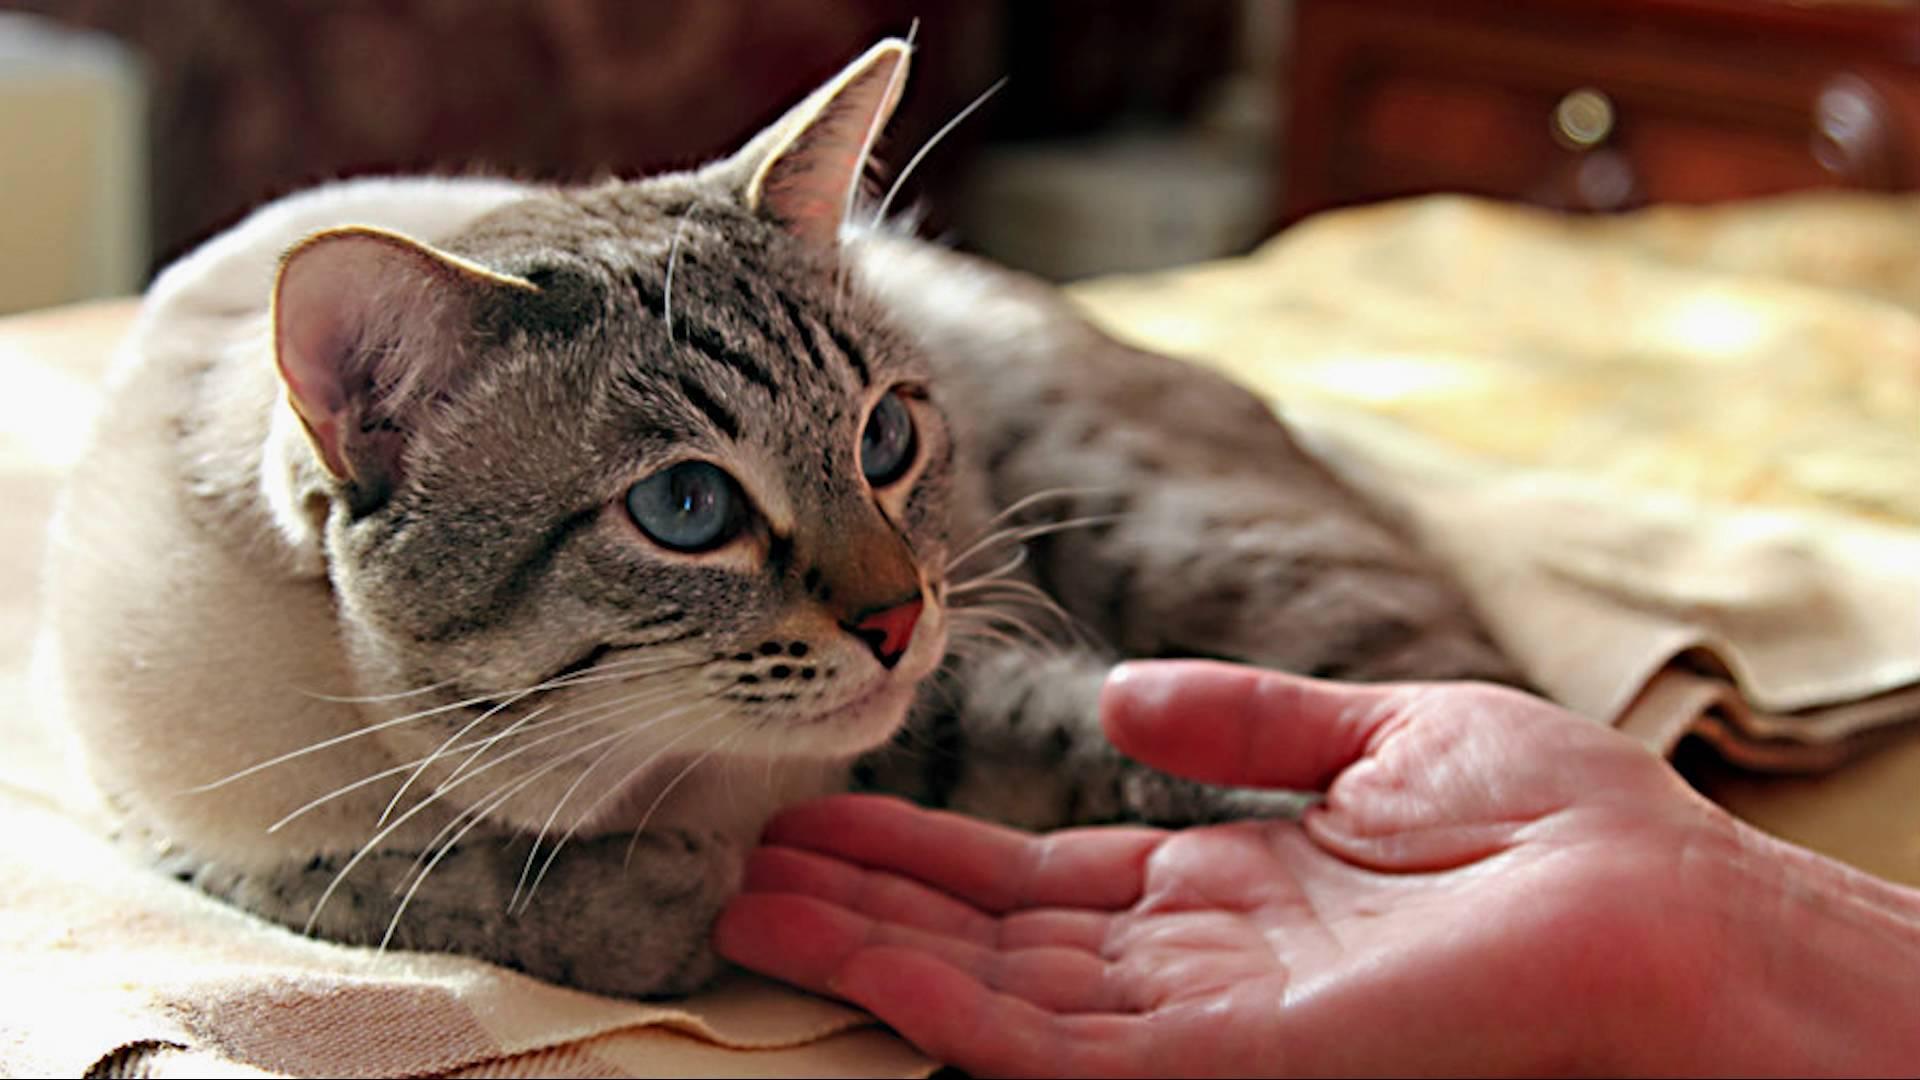 После операции кот нуждается в покое и заботе